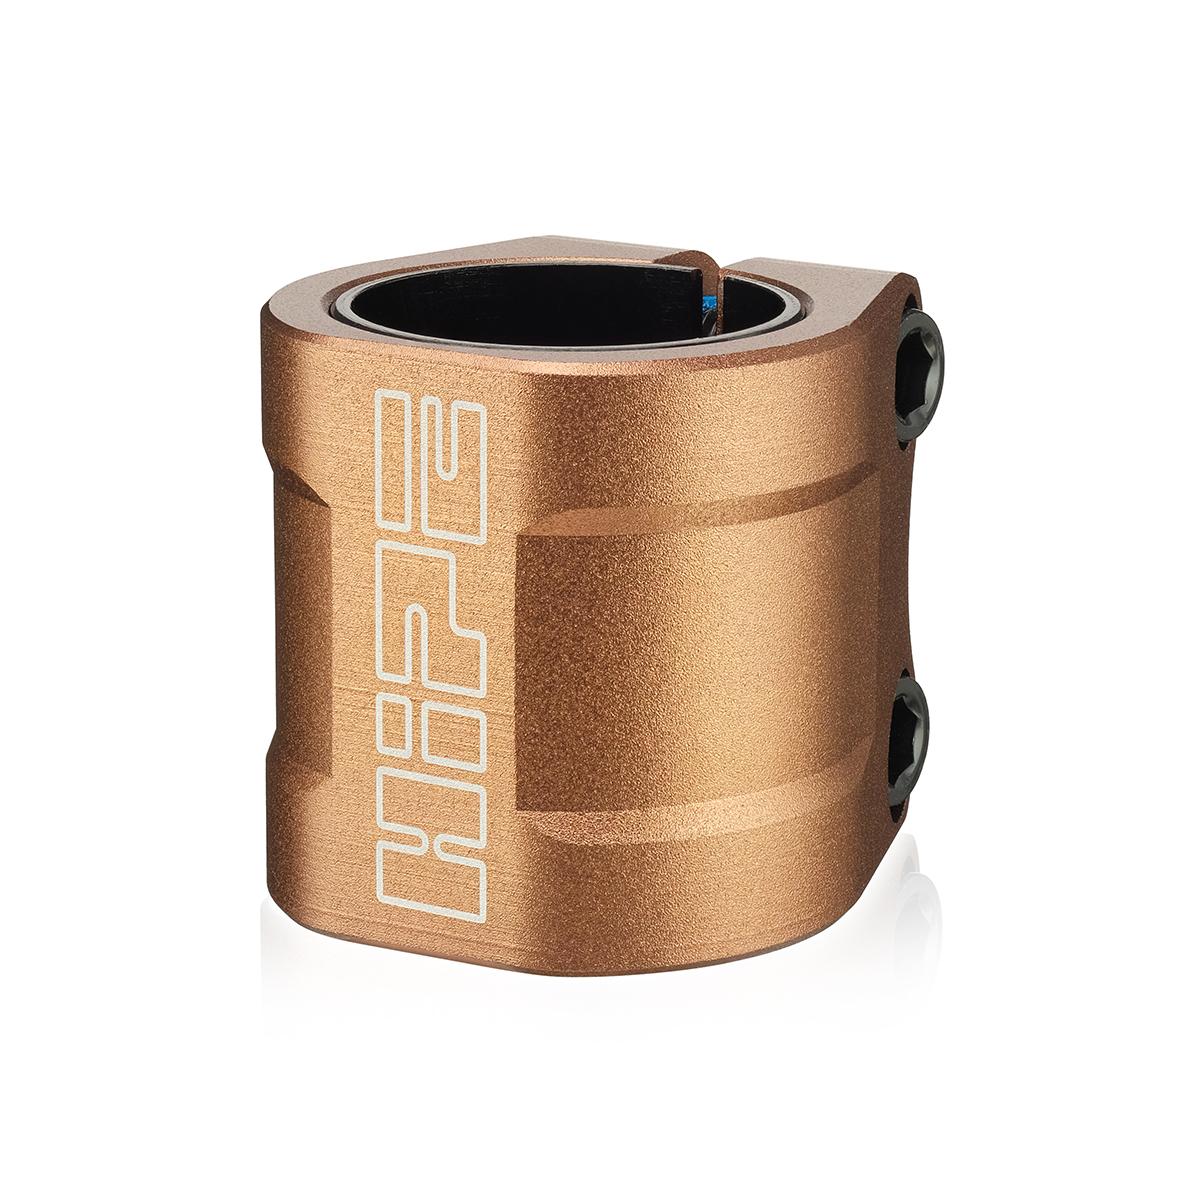 Купить Хомут на руль для трюкового самоката Hipe LMT70 Clamp(IHC/HIC) Bronze